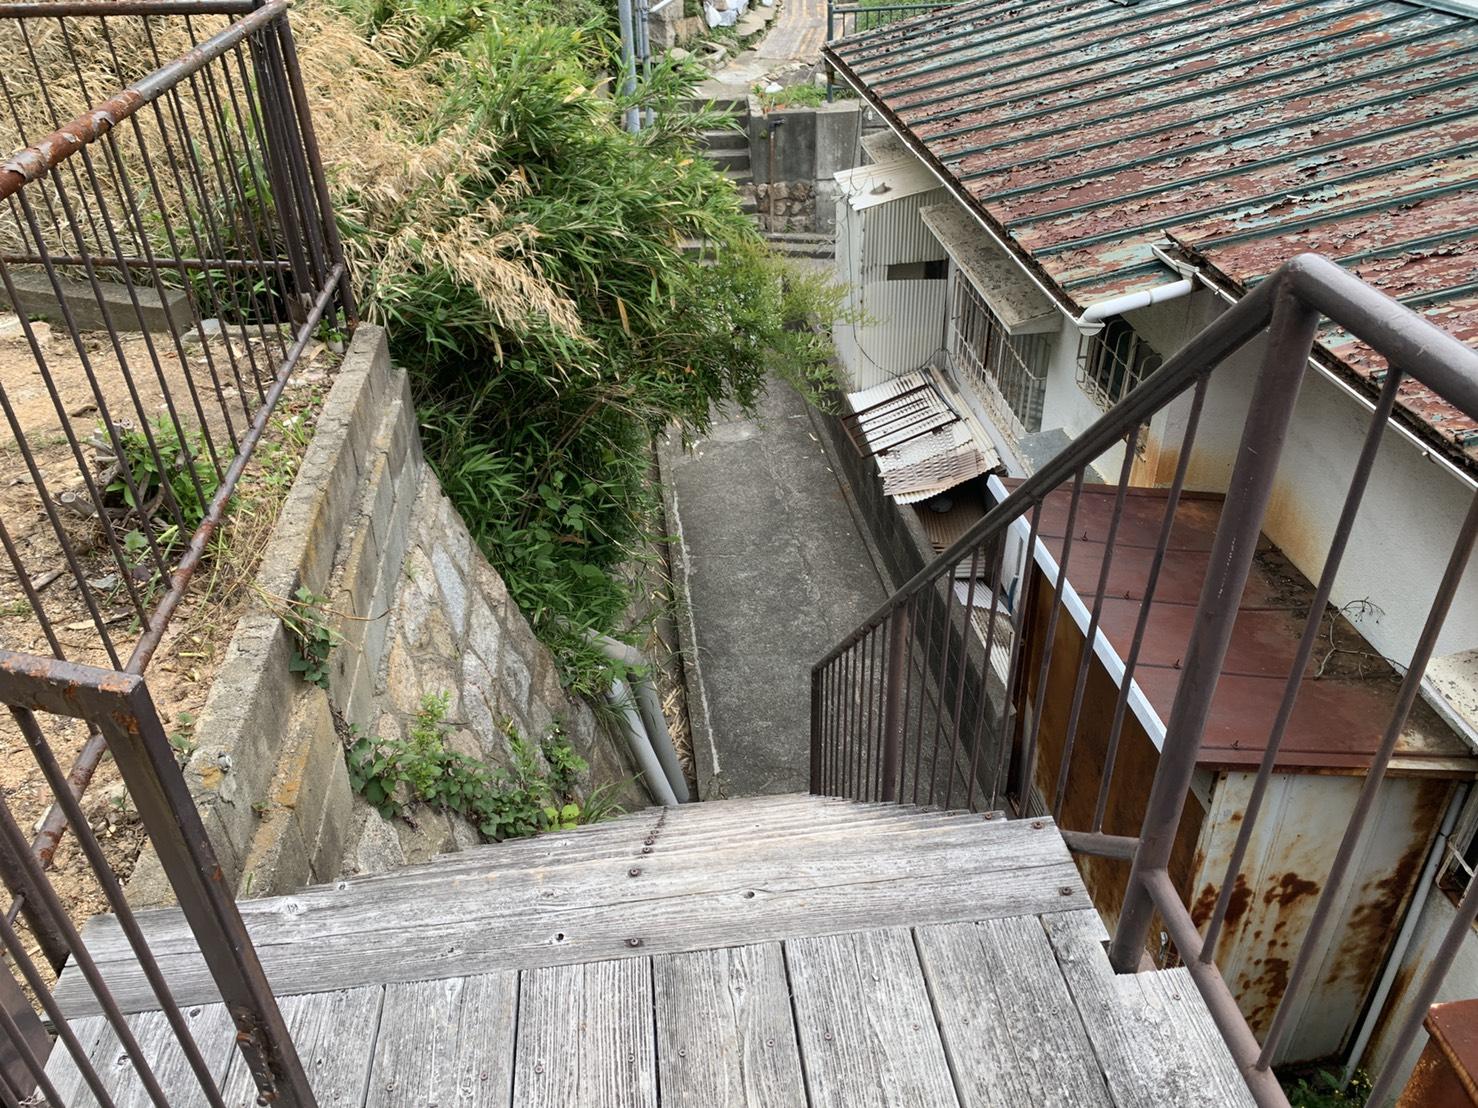 神戸市中央区での雨漏り調査で現場まで昇るための階段